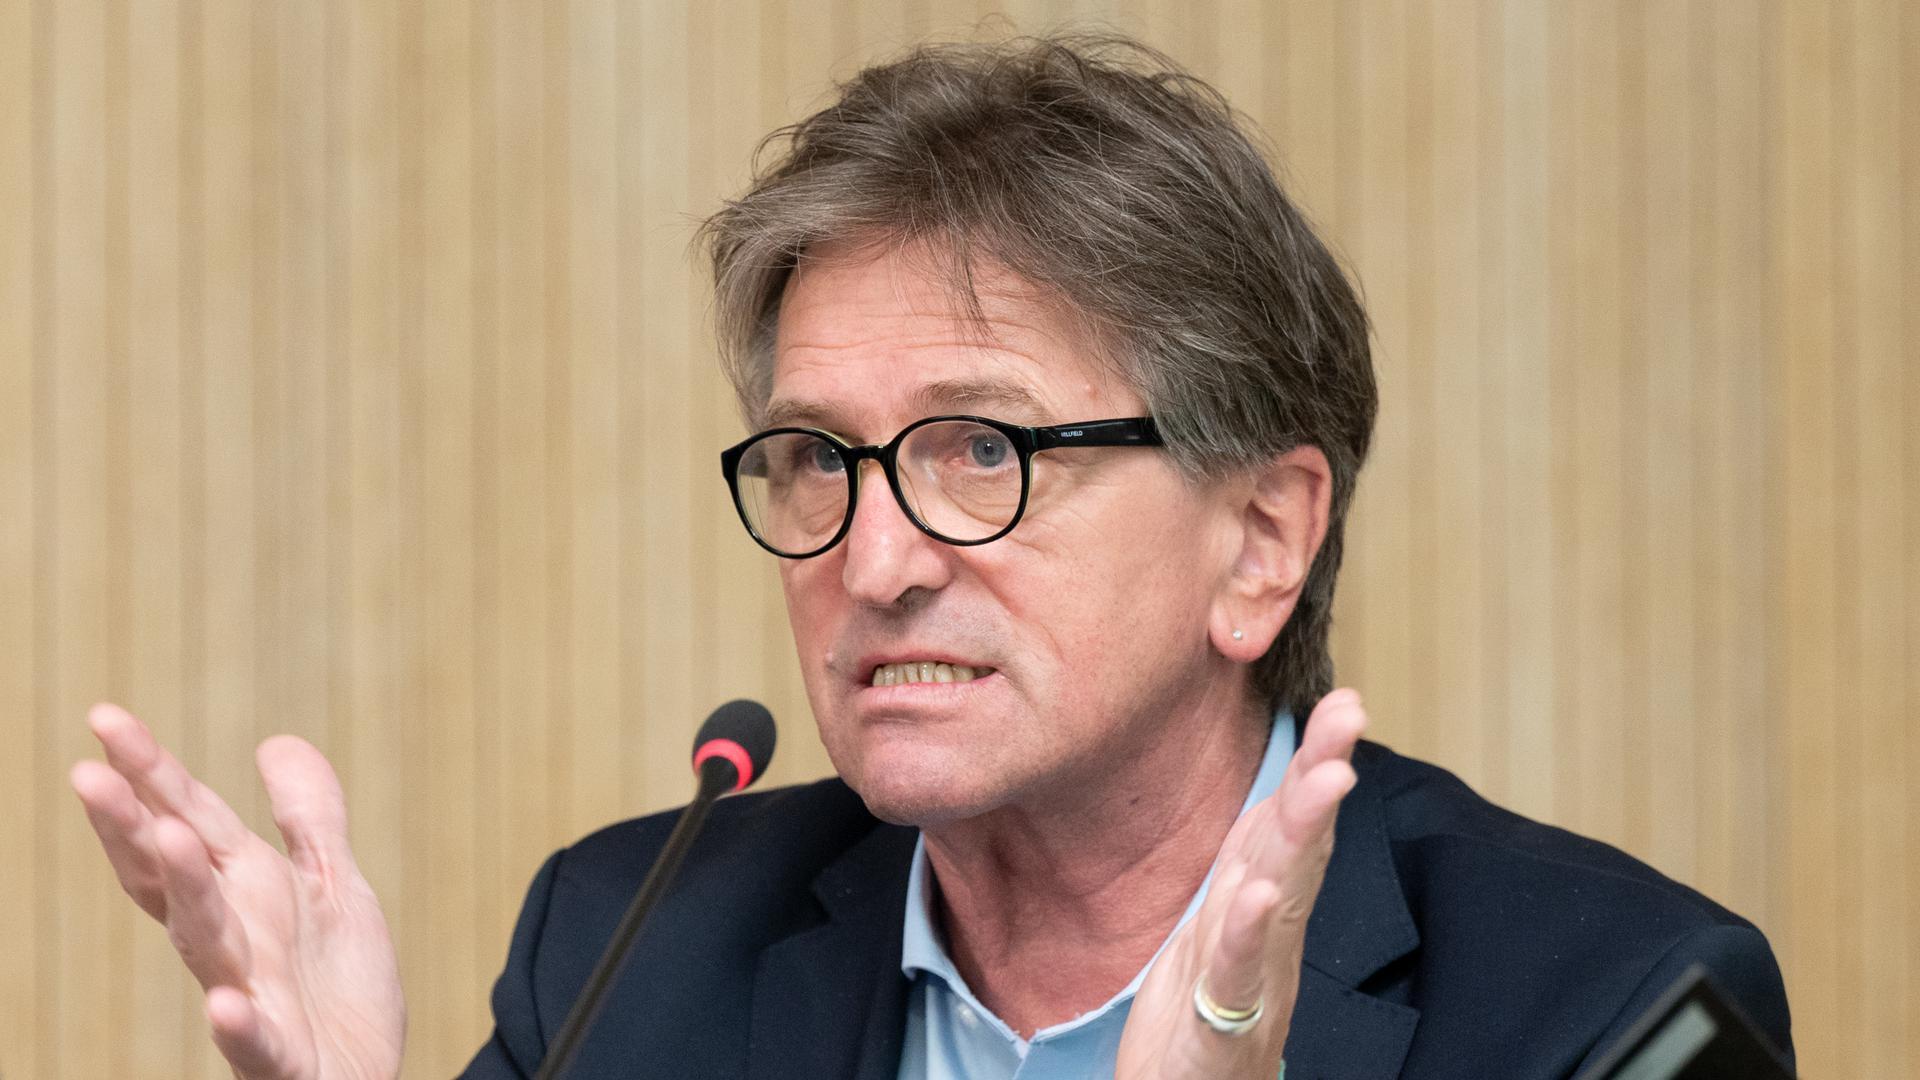 Manfred Lucha (Bündnis 90/Die Grünen), Minister für Soziales und Integration in Baden-Württemberg, antwortet in einer Regierungs-Pressekonferenz auf Fragen von Journalisten. +++ dpa-Bildfunk +++